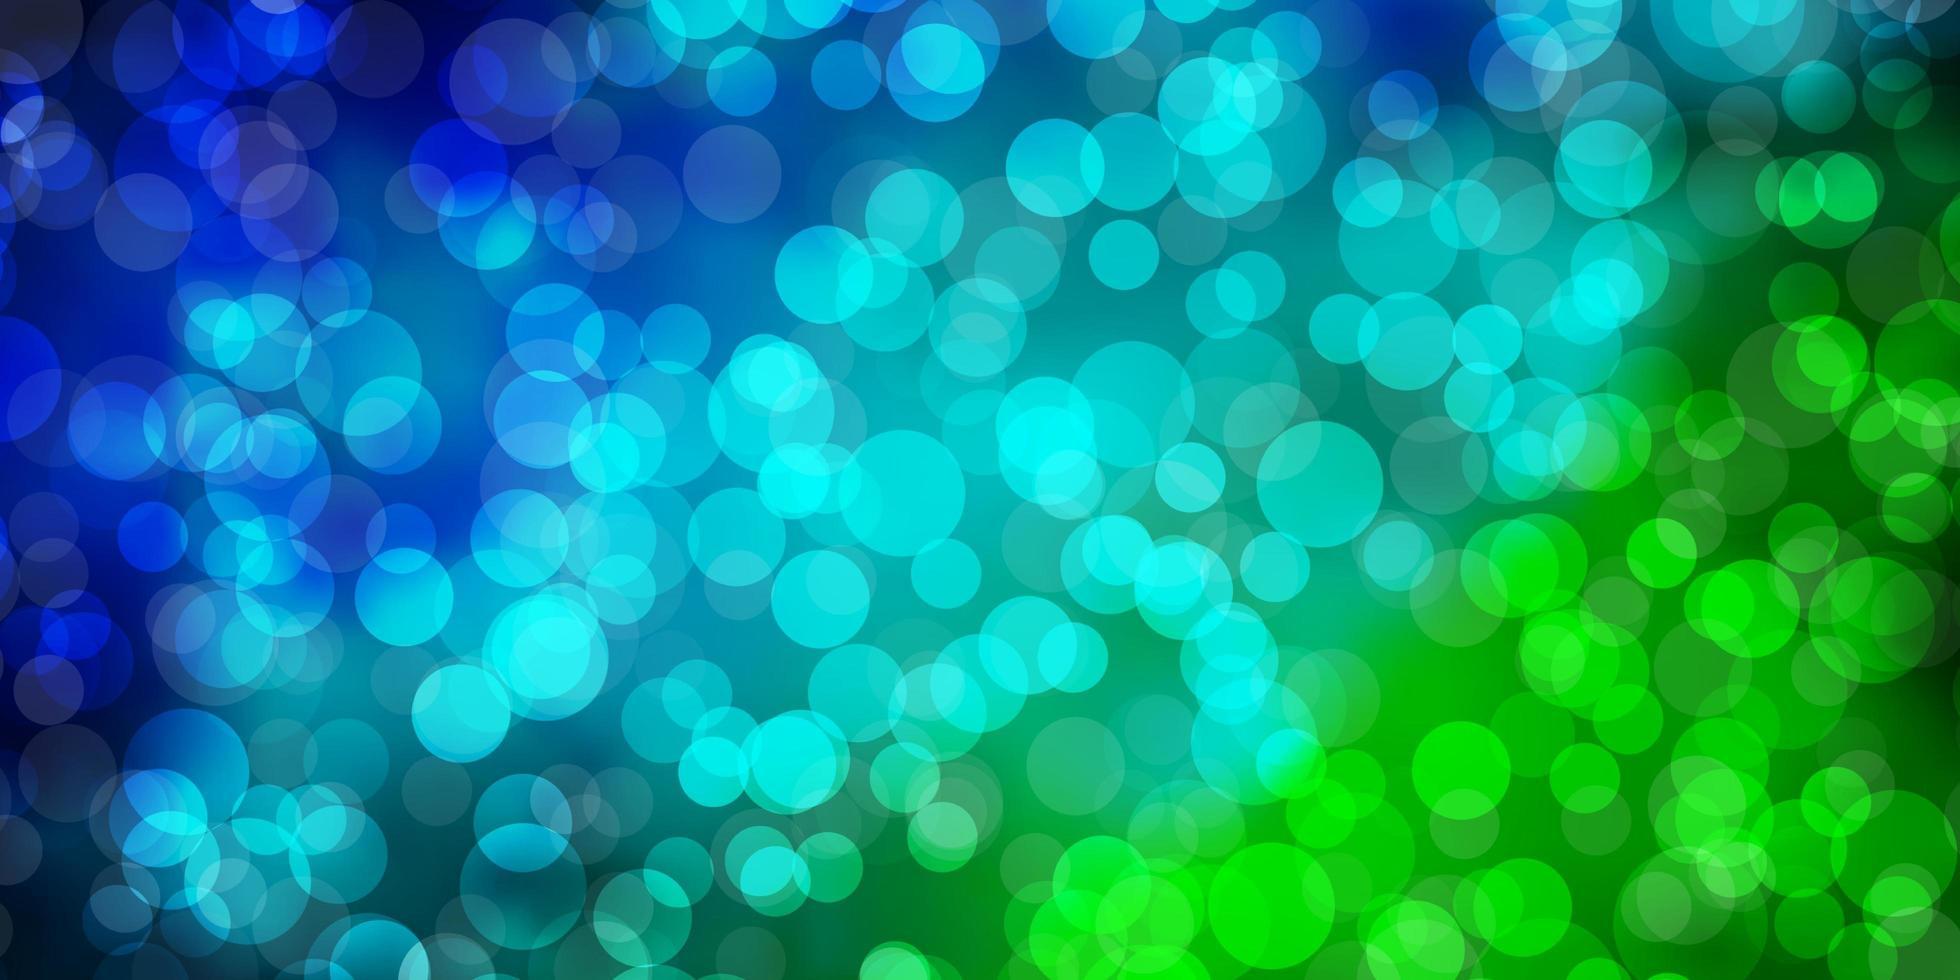 textura azul e verde clara com círculos. vetor